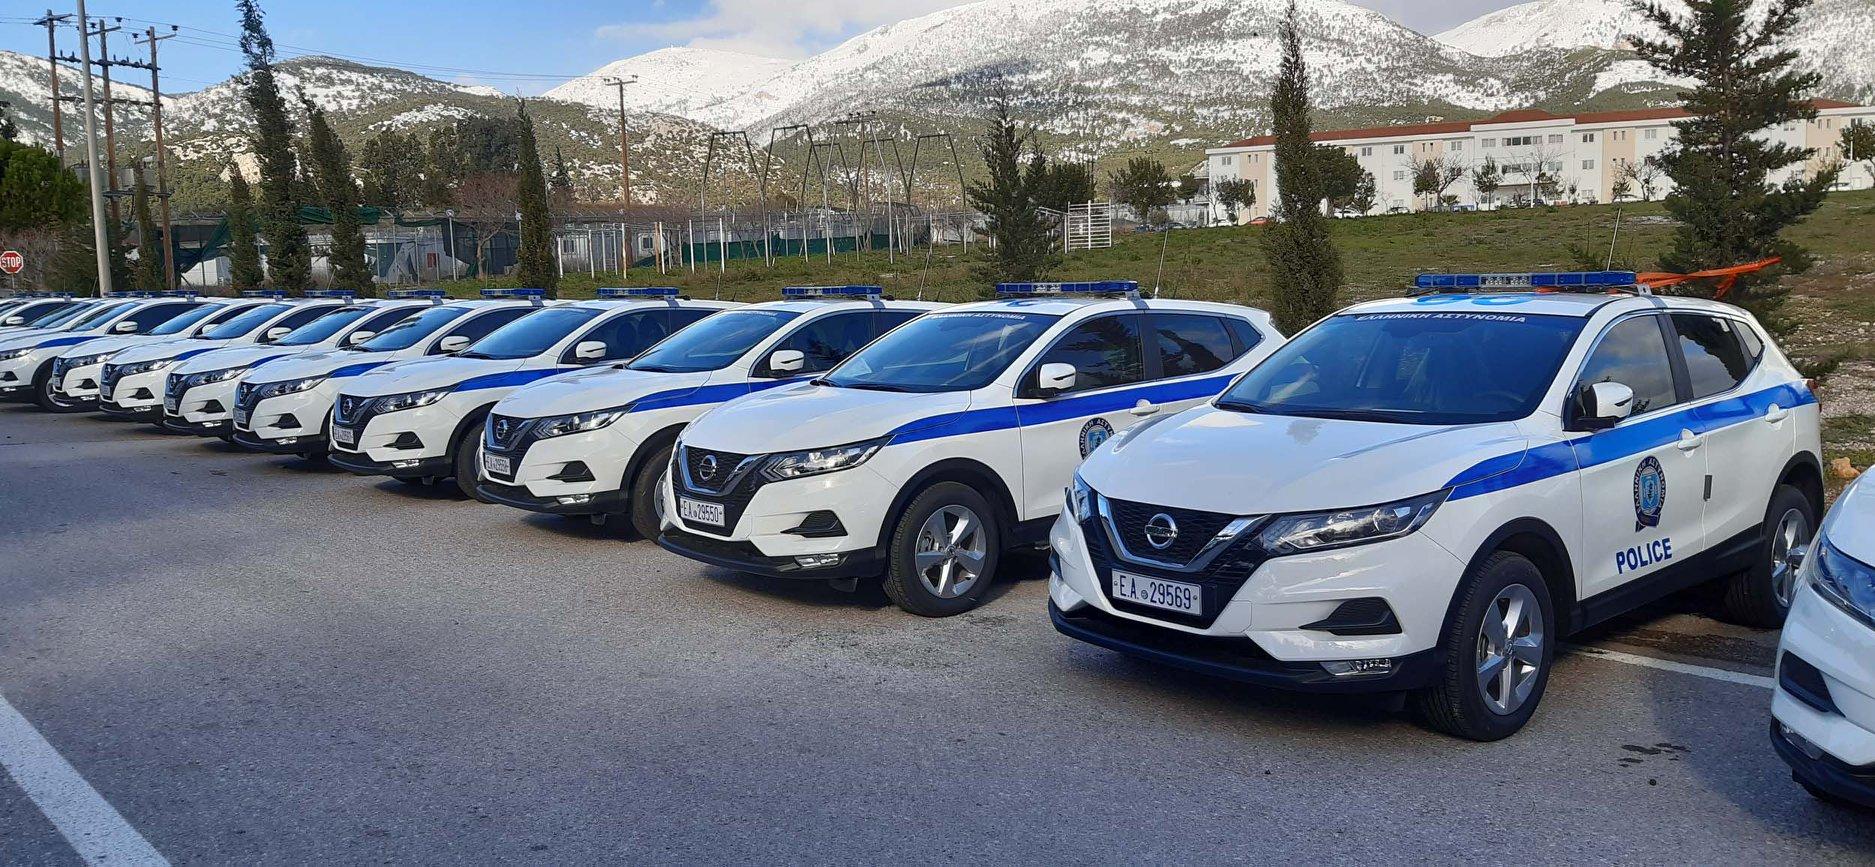 Nissan-Qashqai-greek-police-6